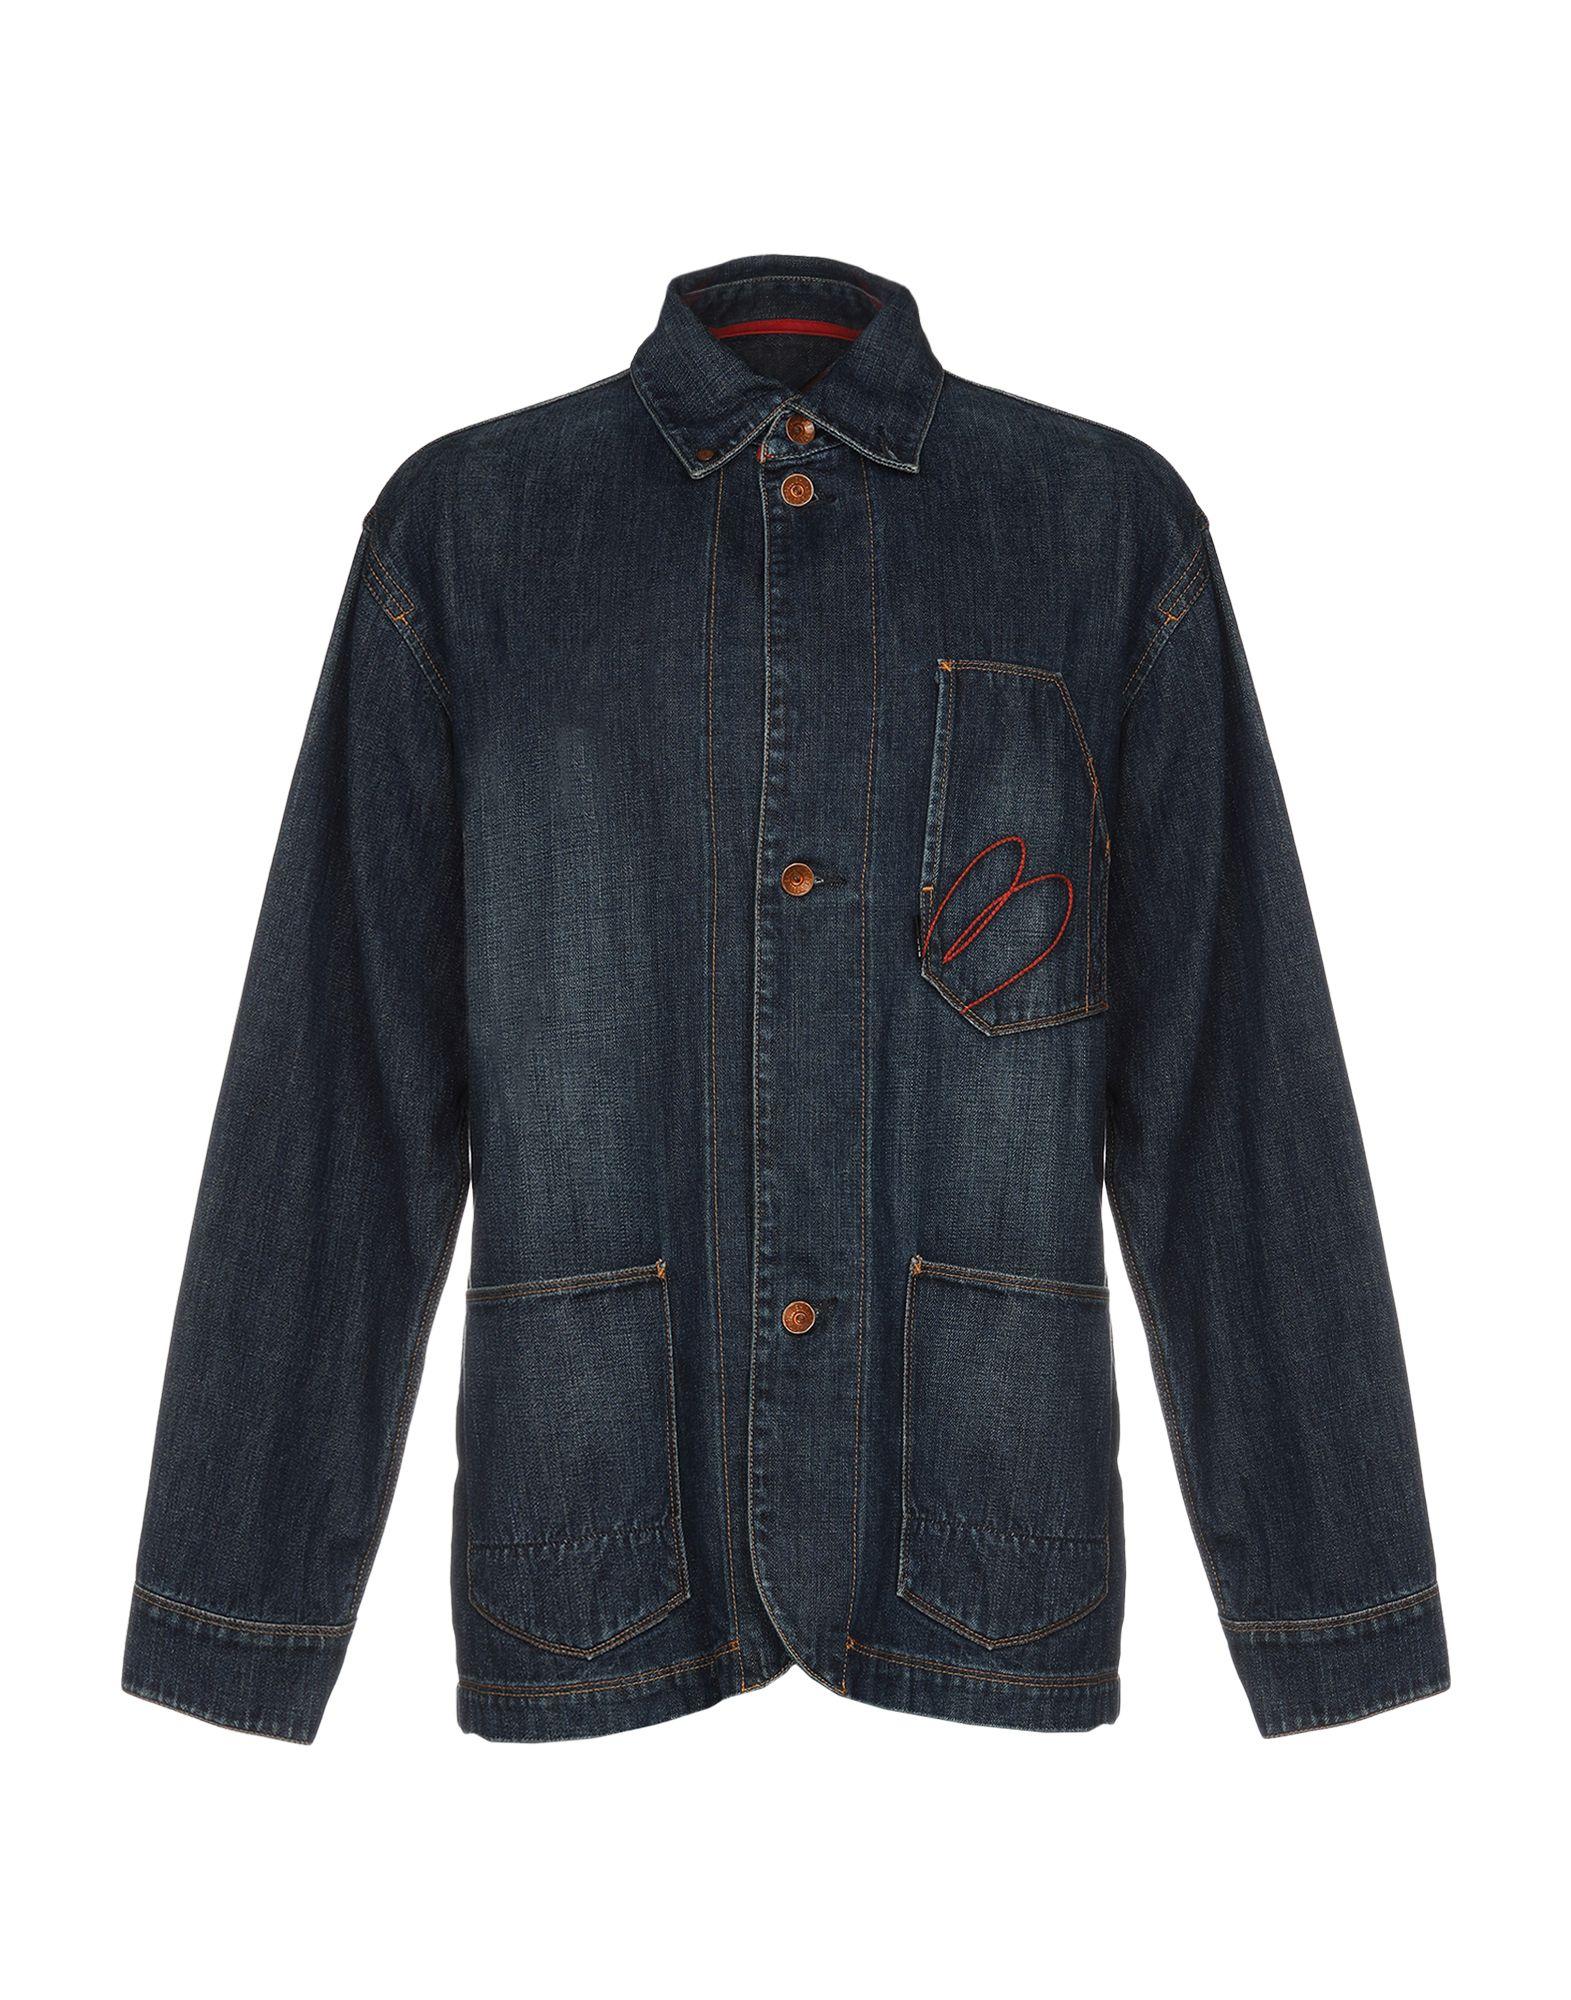 купить RED EAR JAPAN by PAUL SMITH Джинсовая верхняя одежда по цене 22500 рублей